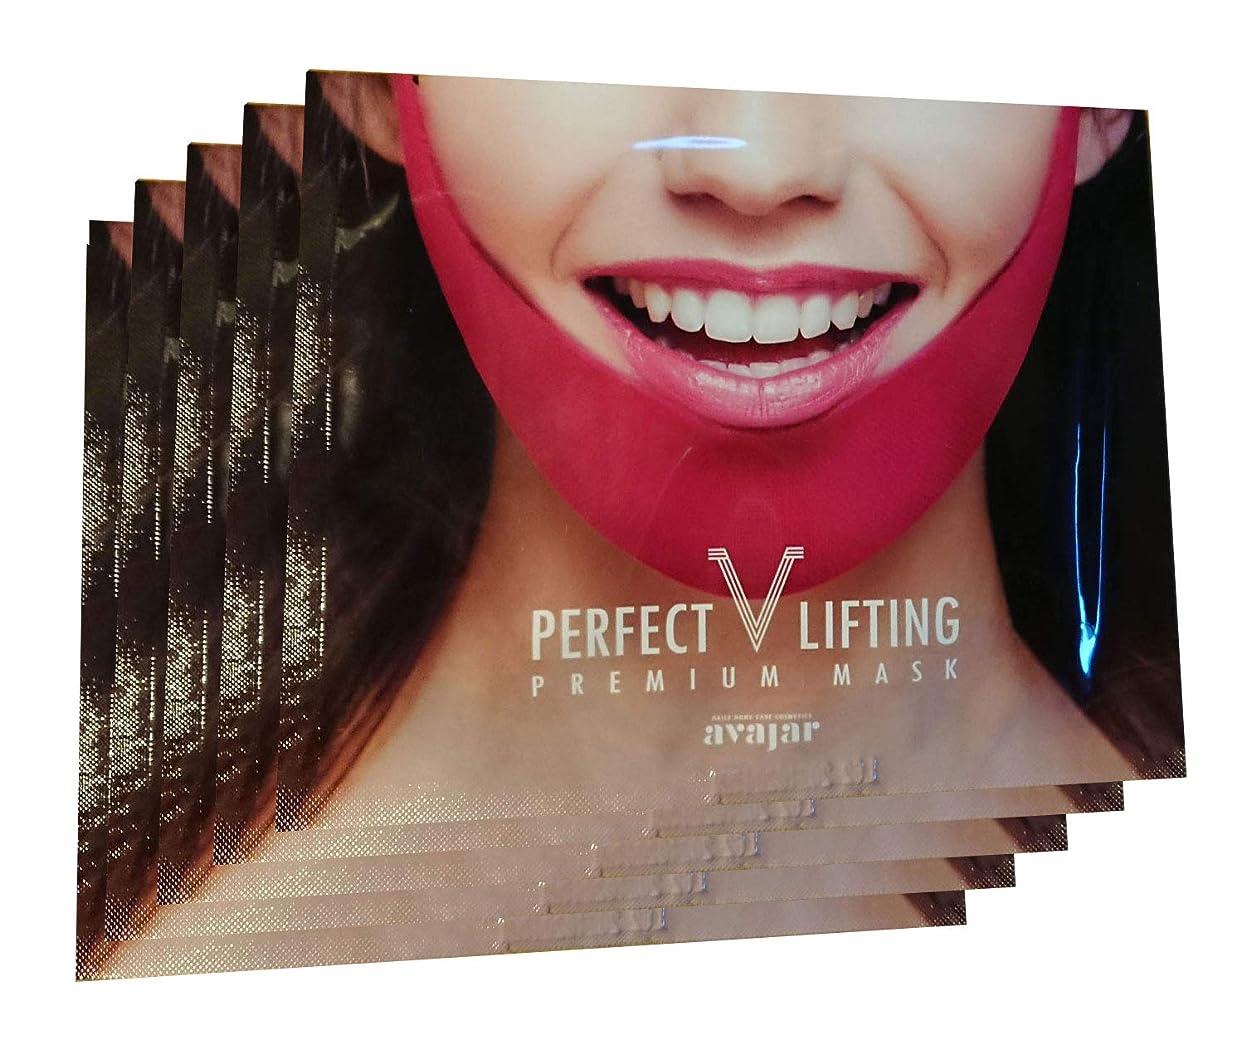 擬人スクレーパーカメAvajar 小顔効果と顎ラインを取り戻す! パーフェクトVリフティング 1パック